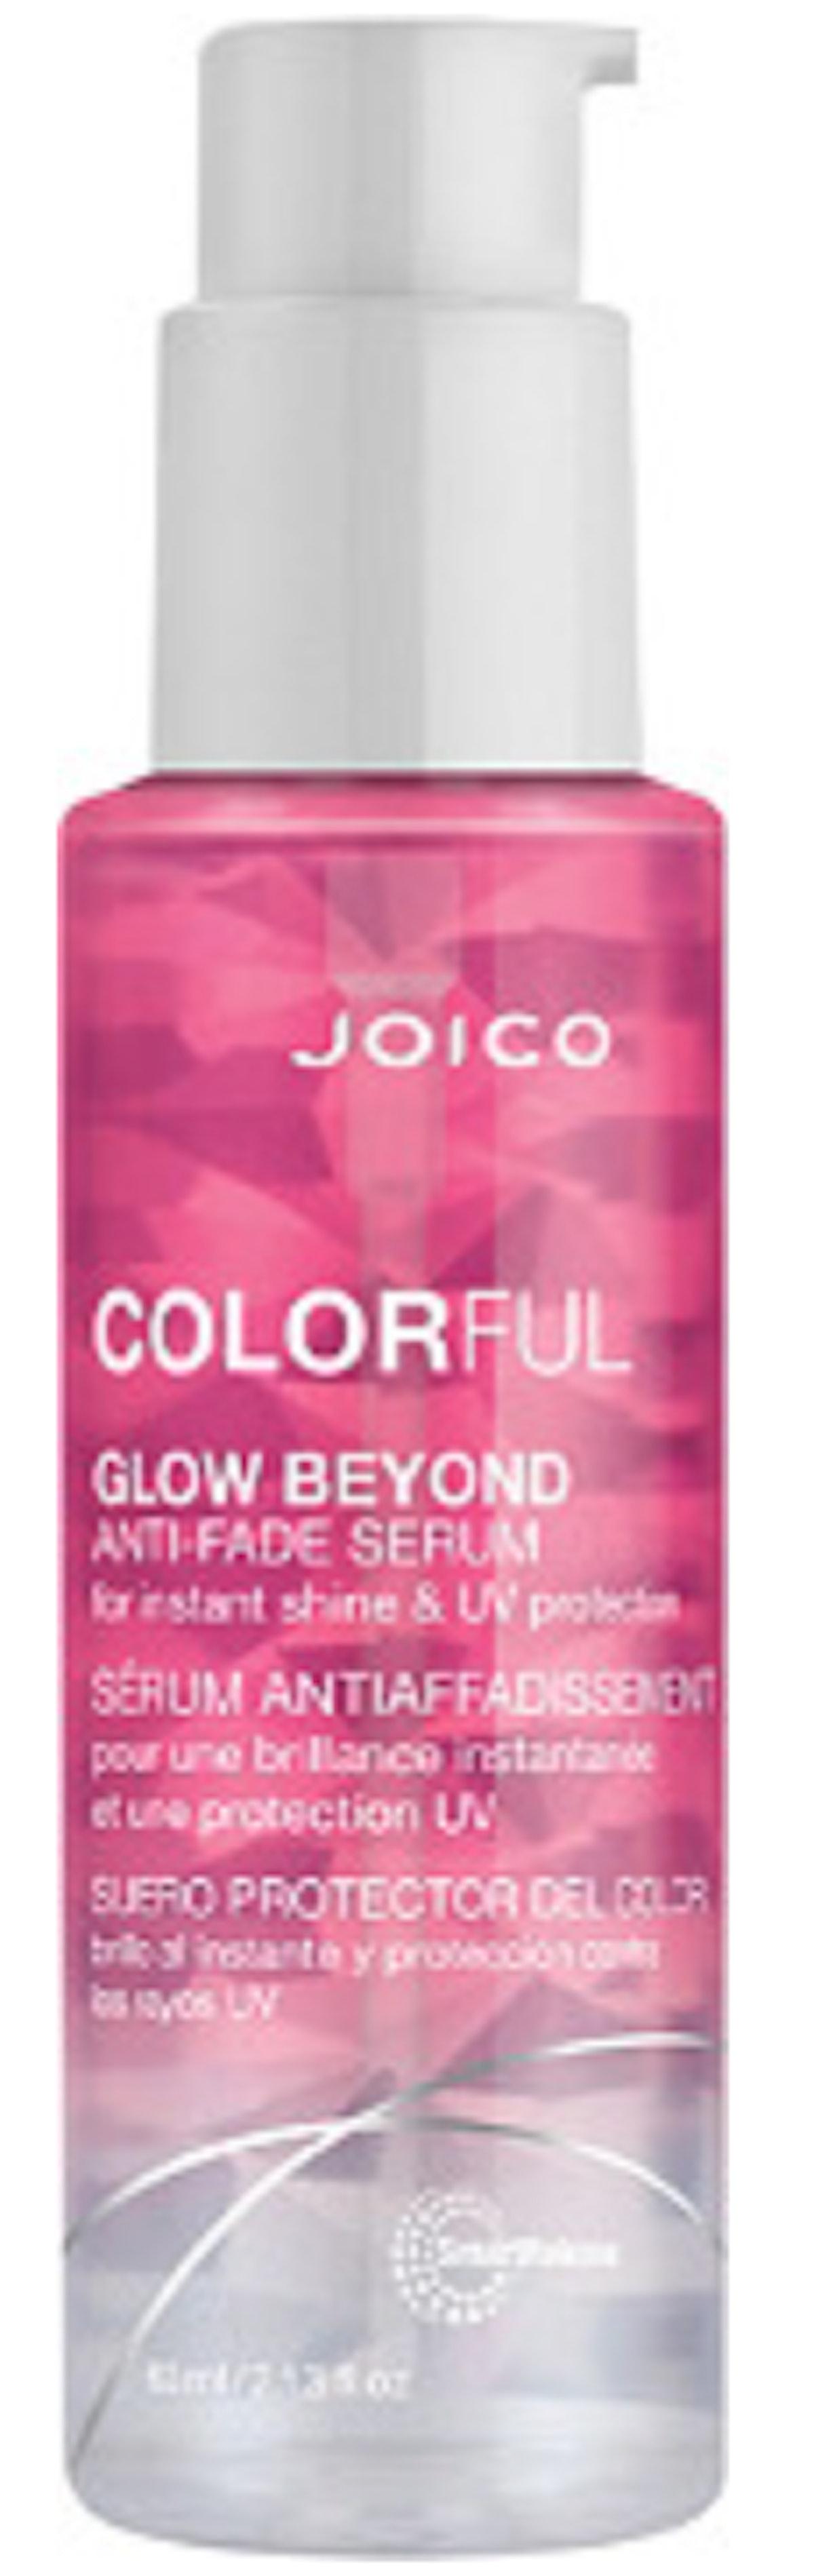 Colorful Glow Anti-Fade Serum